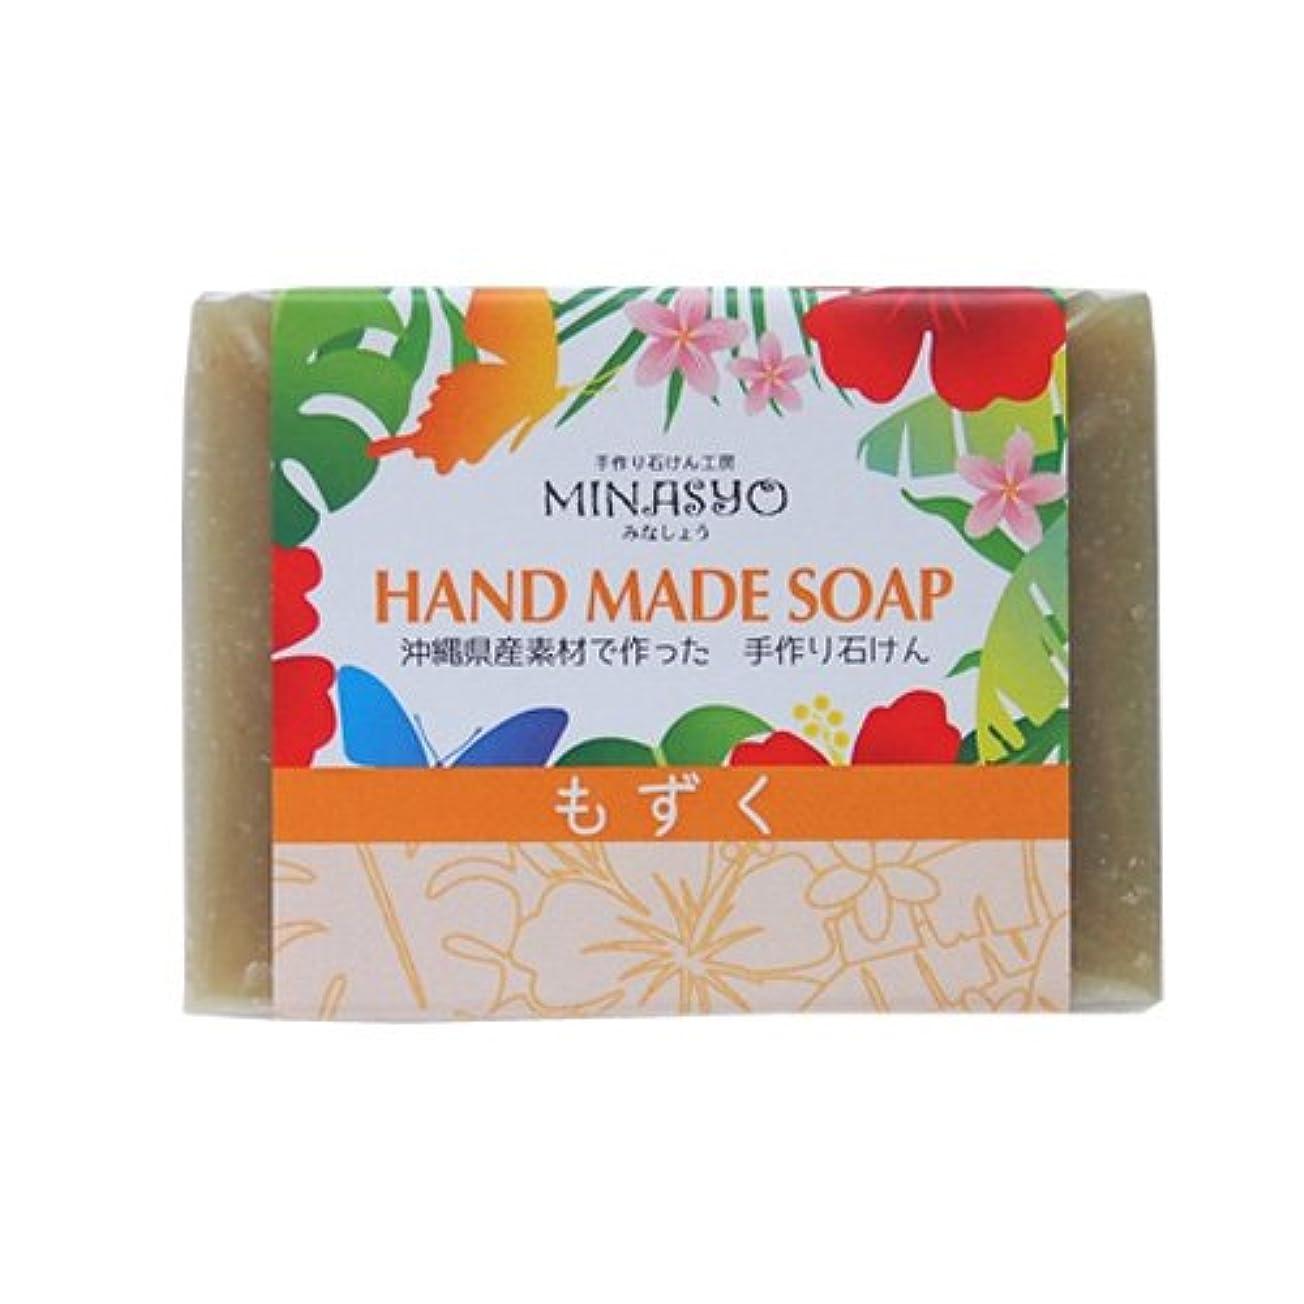 地下ルールからに変化する洗顔石鹸 固形 無添加 保湿 敏感肌 乾燥肌 手作りもずく石鹸